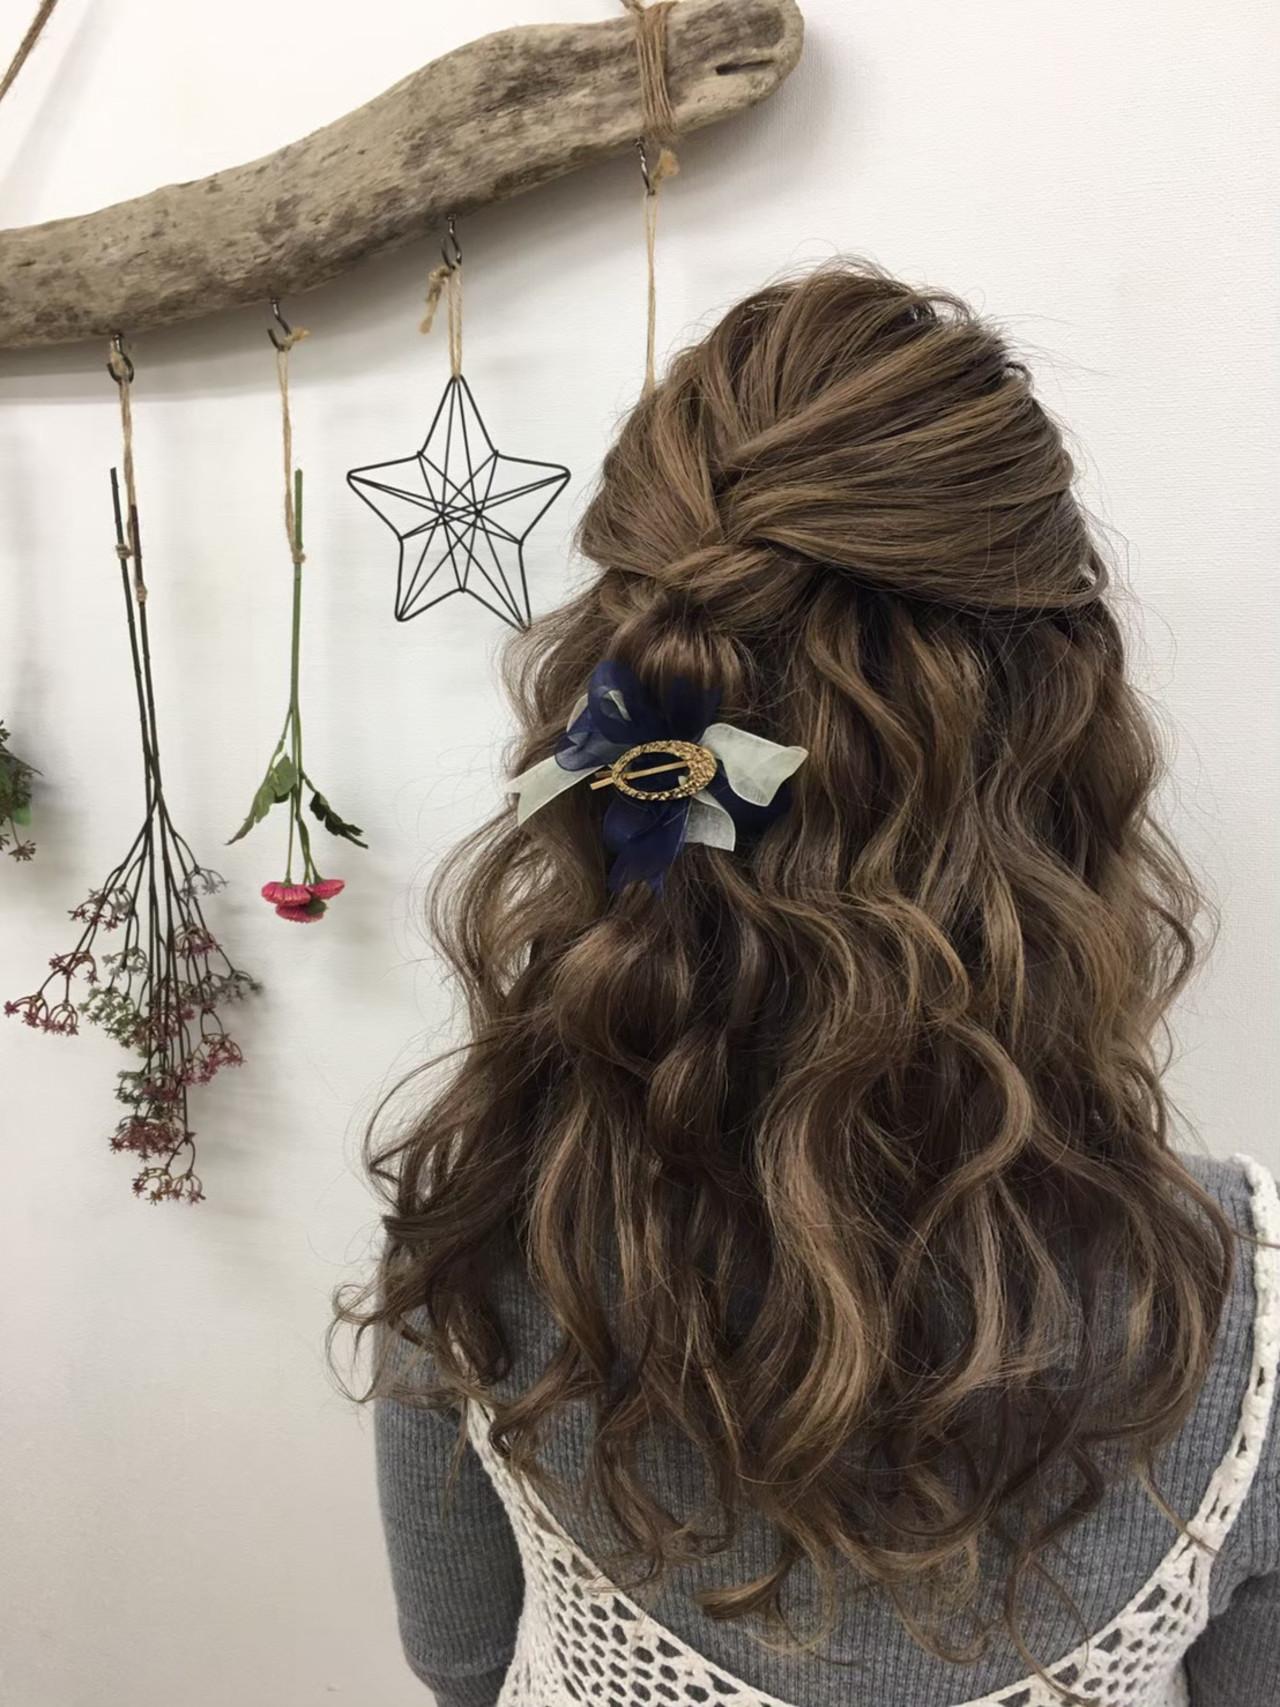 ヘアアレンジ エクステ ナチュラル お呼ばれ ヘアスタイルや髪型の写真・画像   ヘアメイクスタジオ♡e'clat / ヘアメイクスタジオ♡e'clat